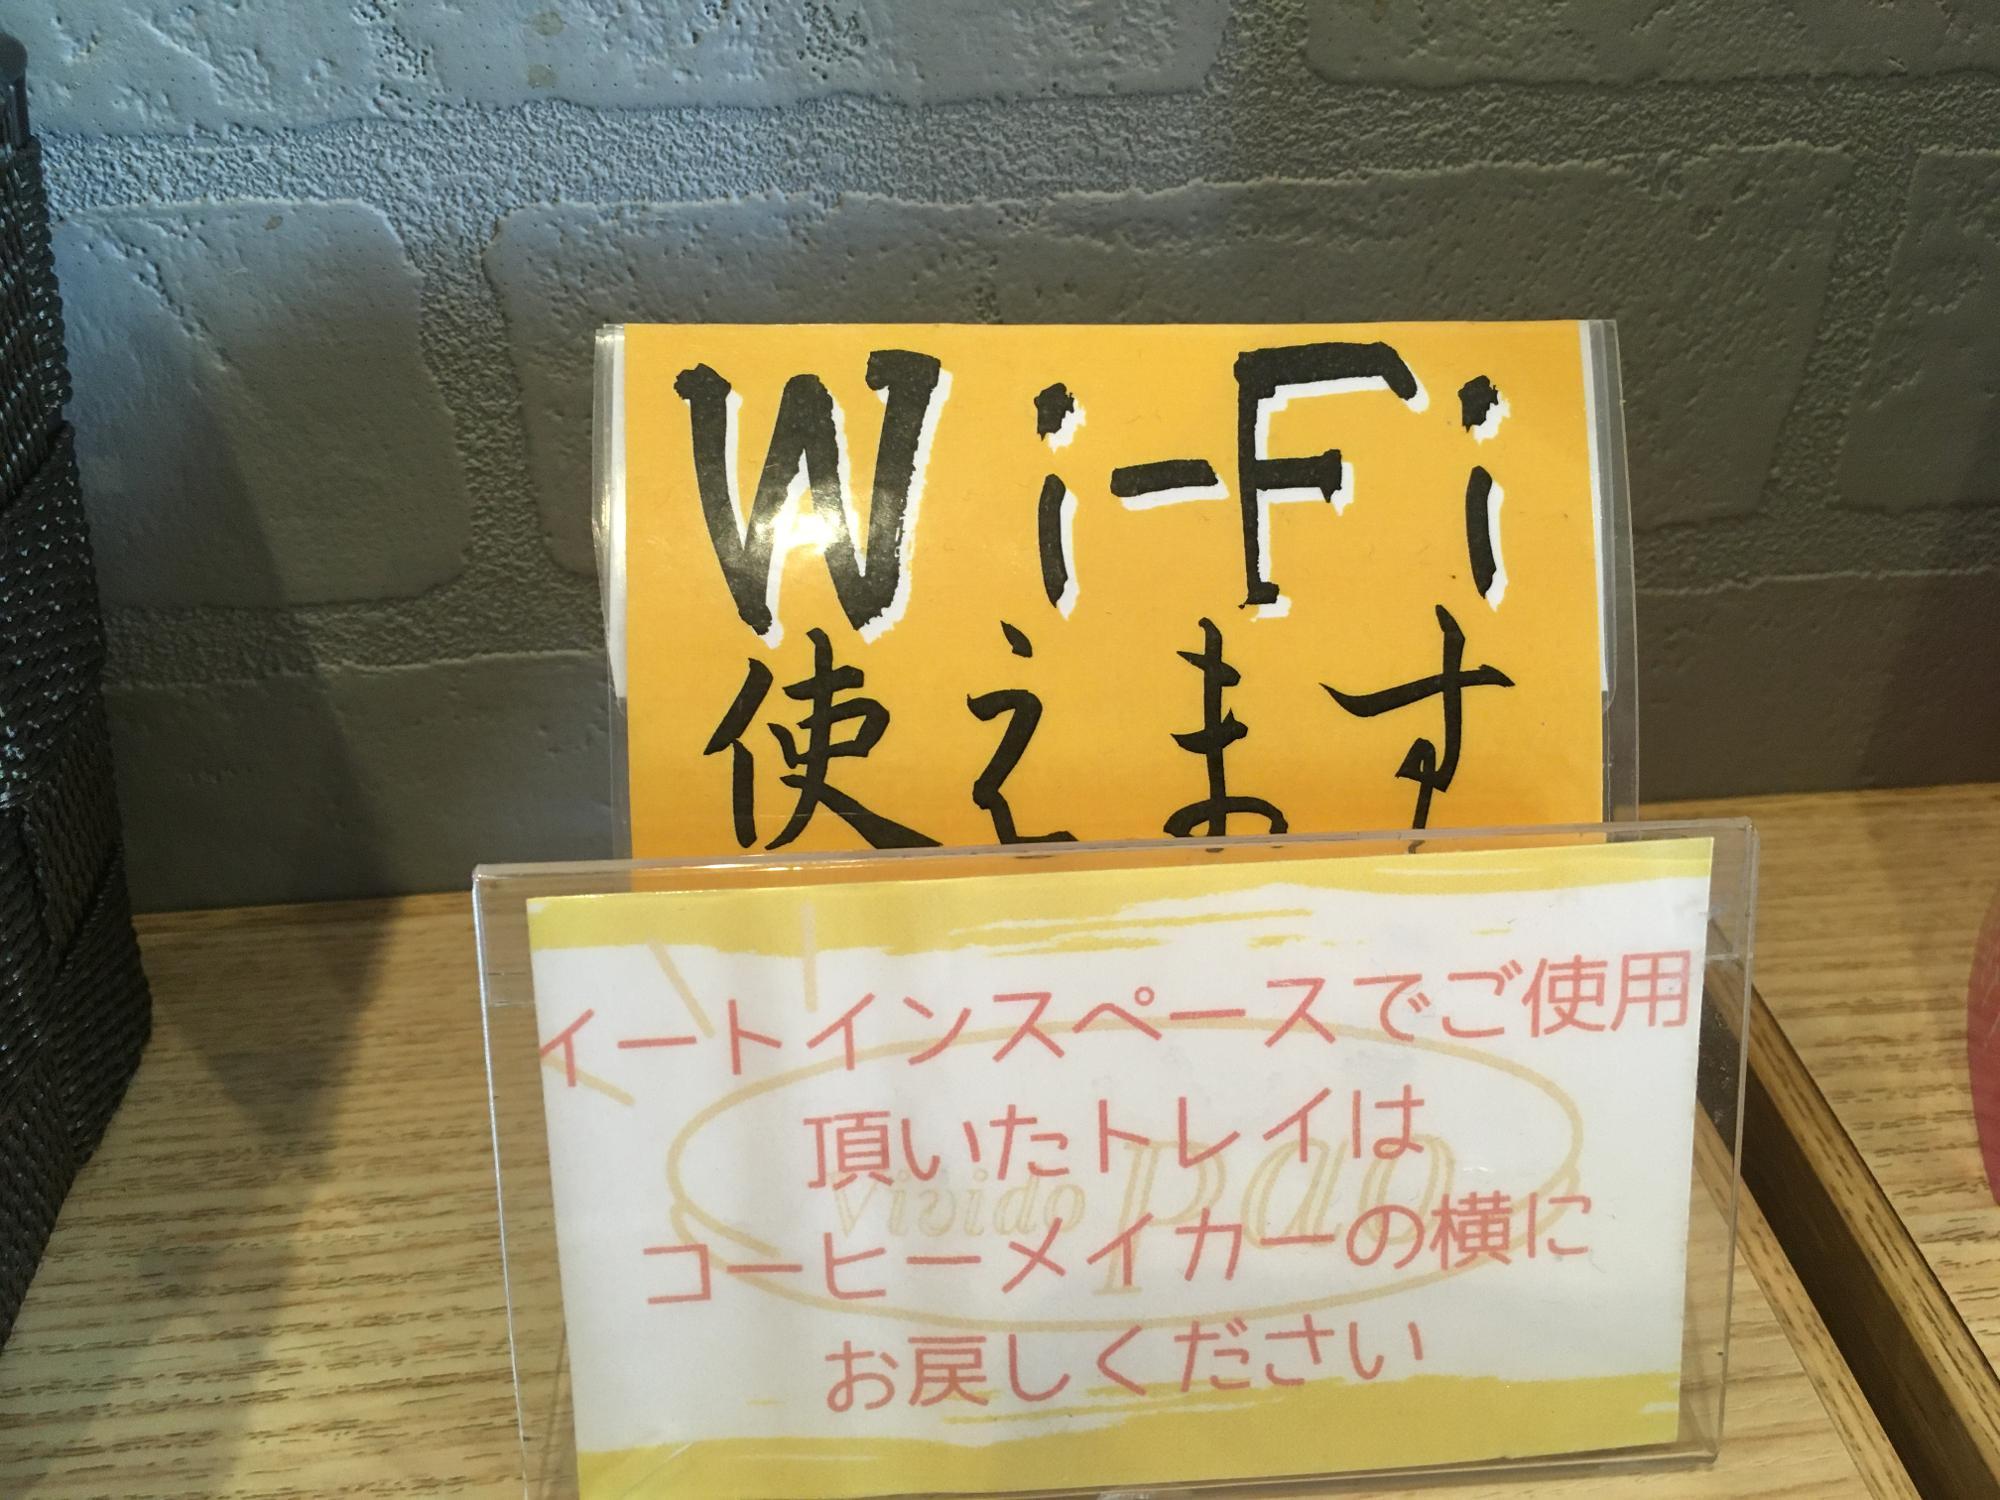 無料Wi-Fiのポップ